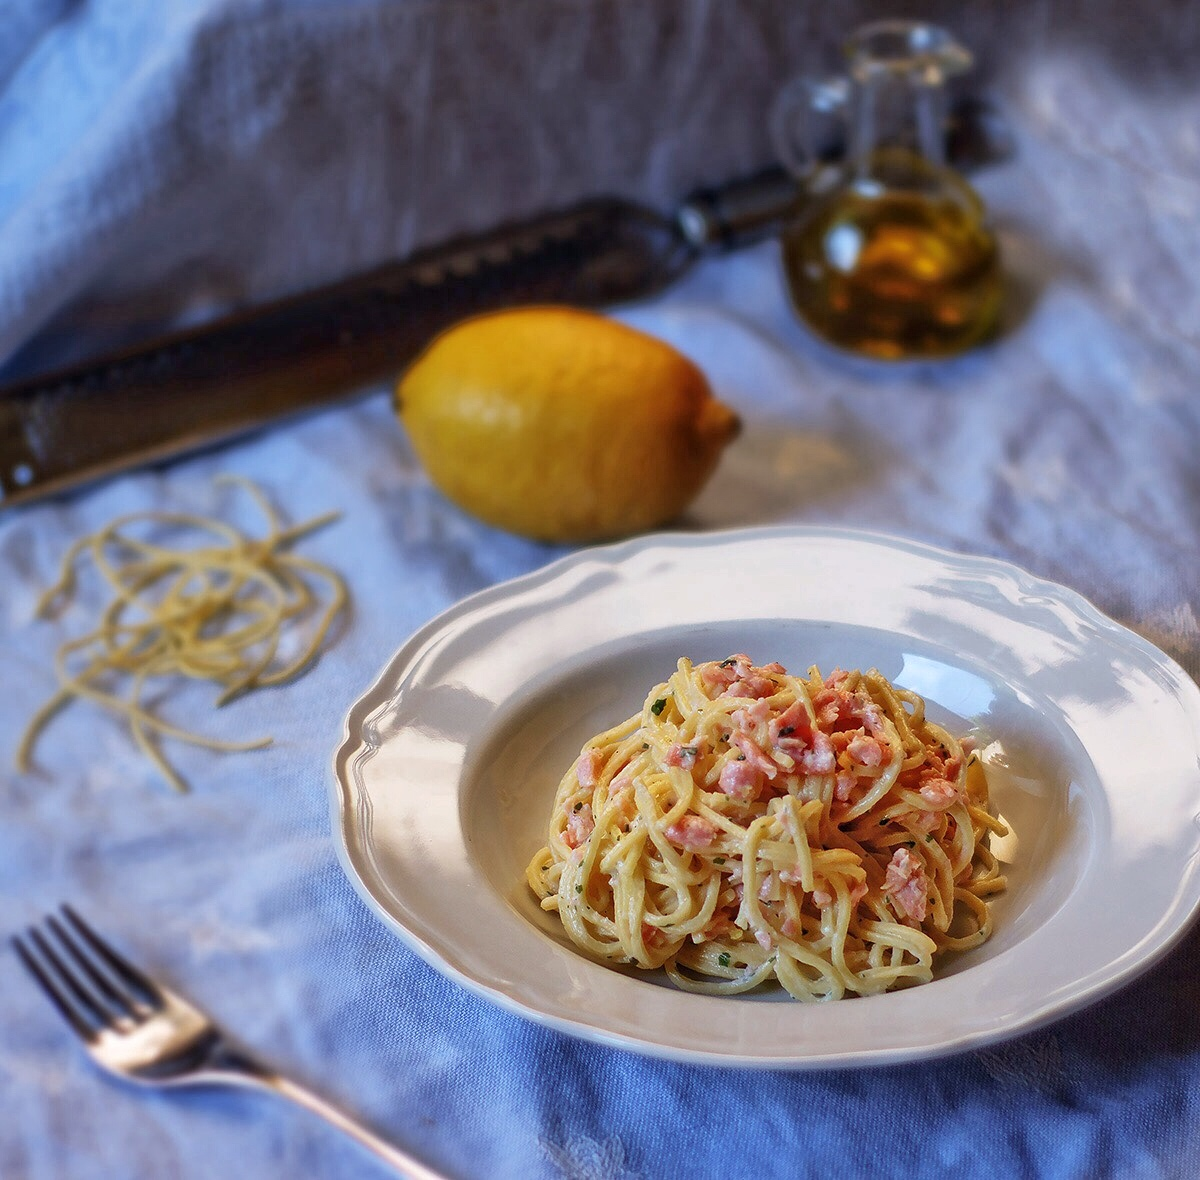 Spaghetti con salmone al profumo di limone